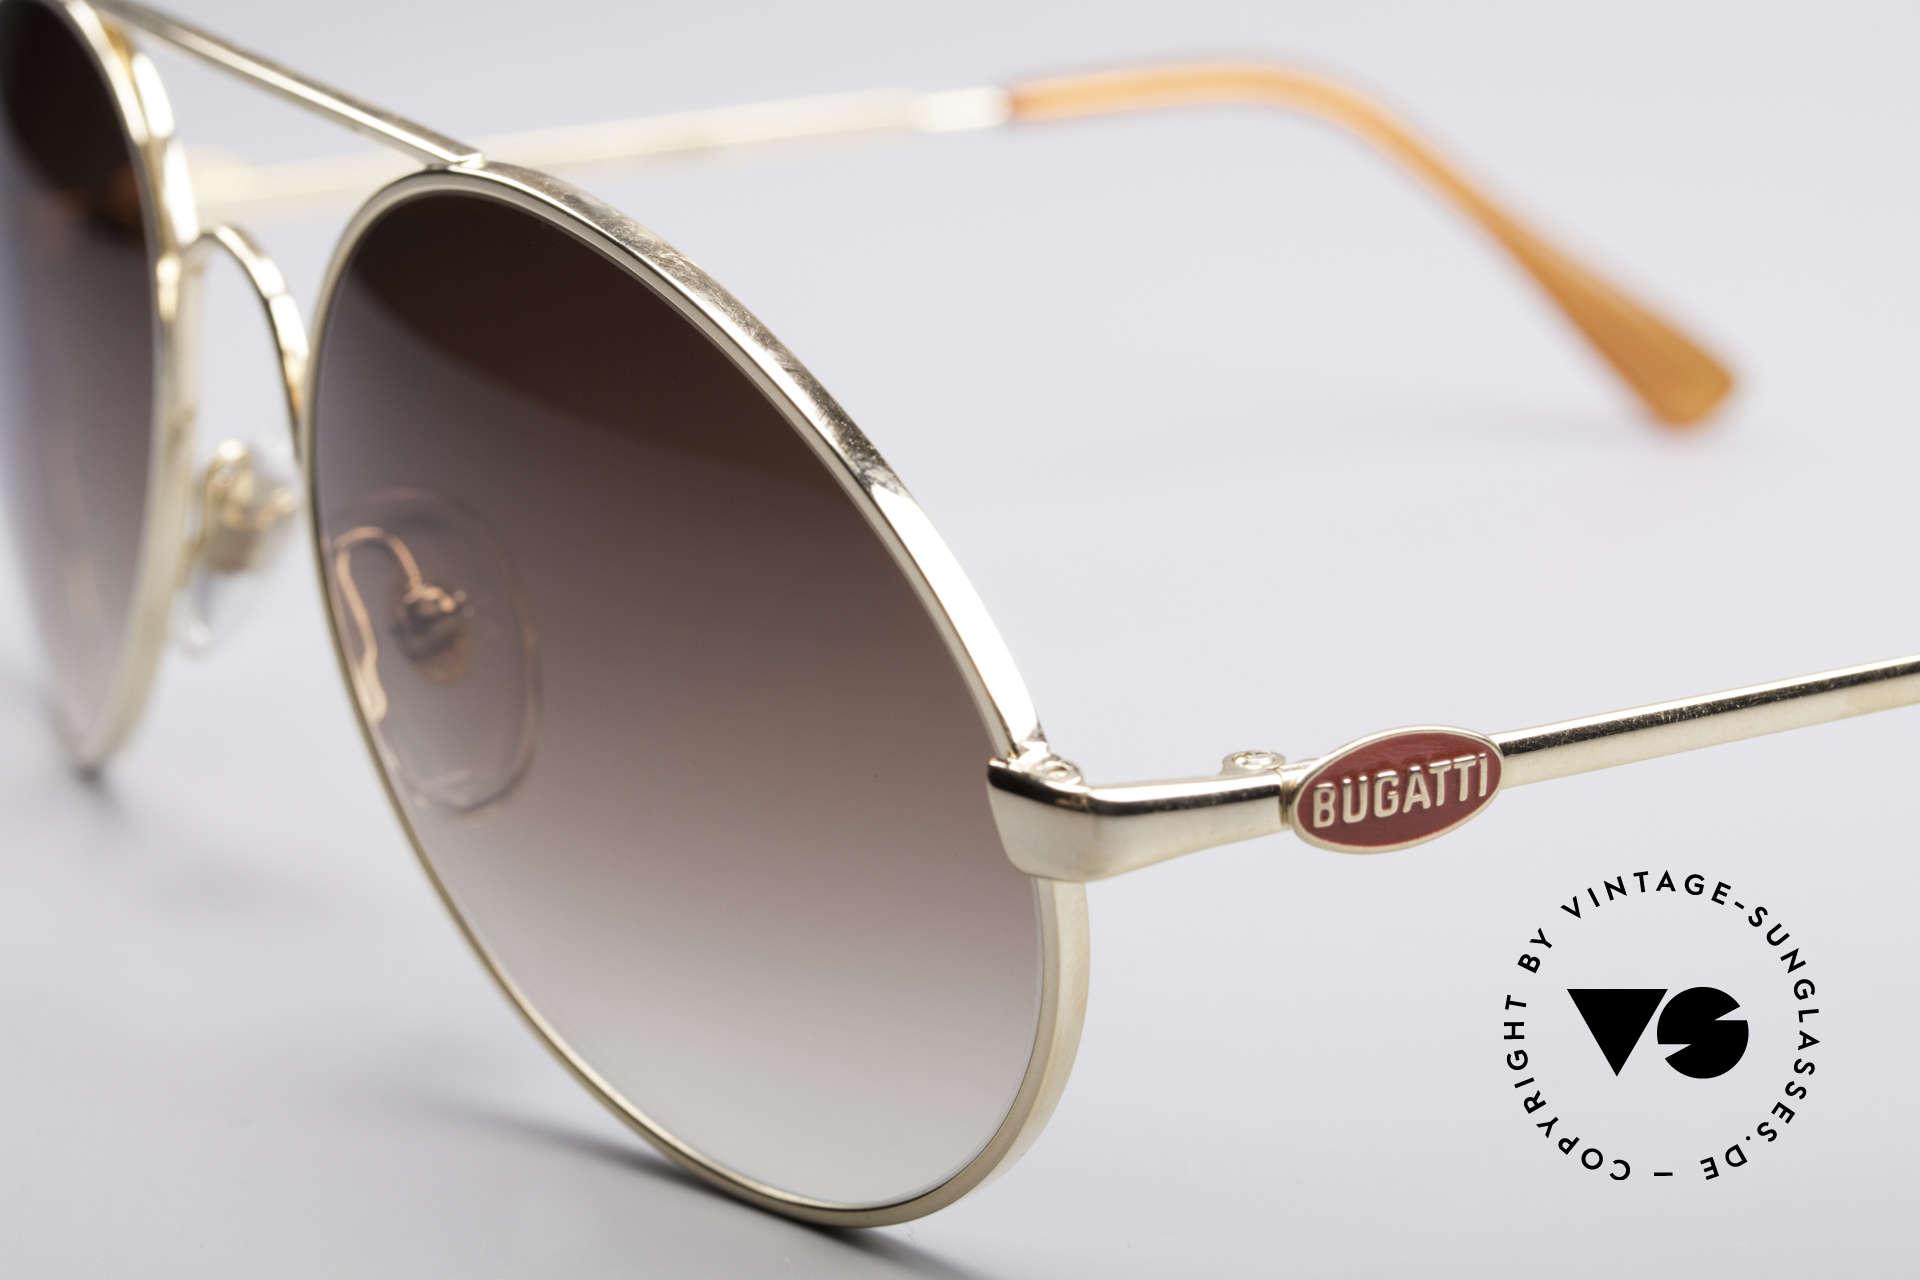 Bugatti 65986 Luxury 80's Sunglasses, premium craftsmanship and MEDIUM size 54, Made for Men